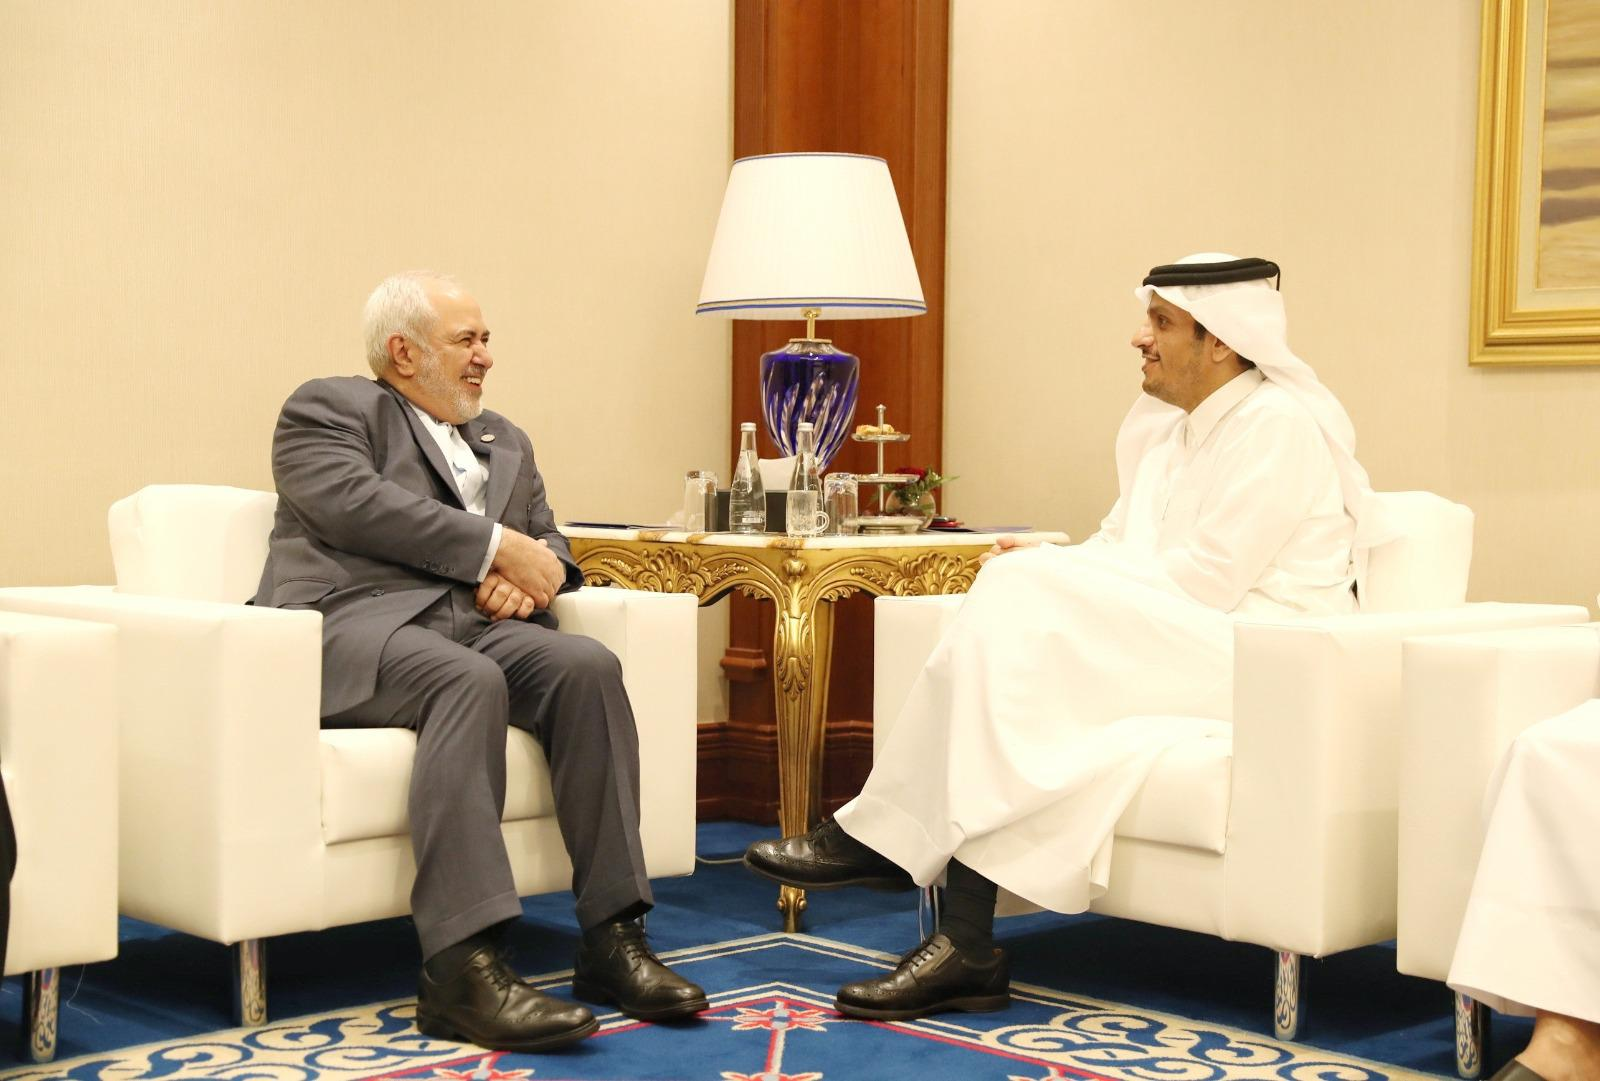 نائب رئيس مجلس الوزراء وزير الخارجية يجتمع مع وزير الشؤون الخارجية الإيراني